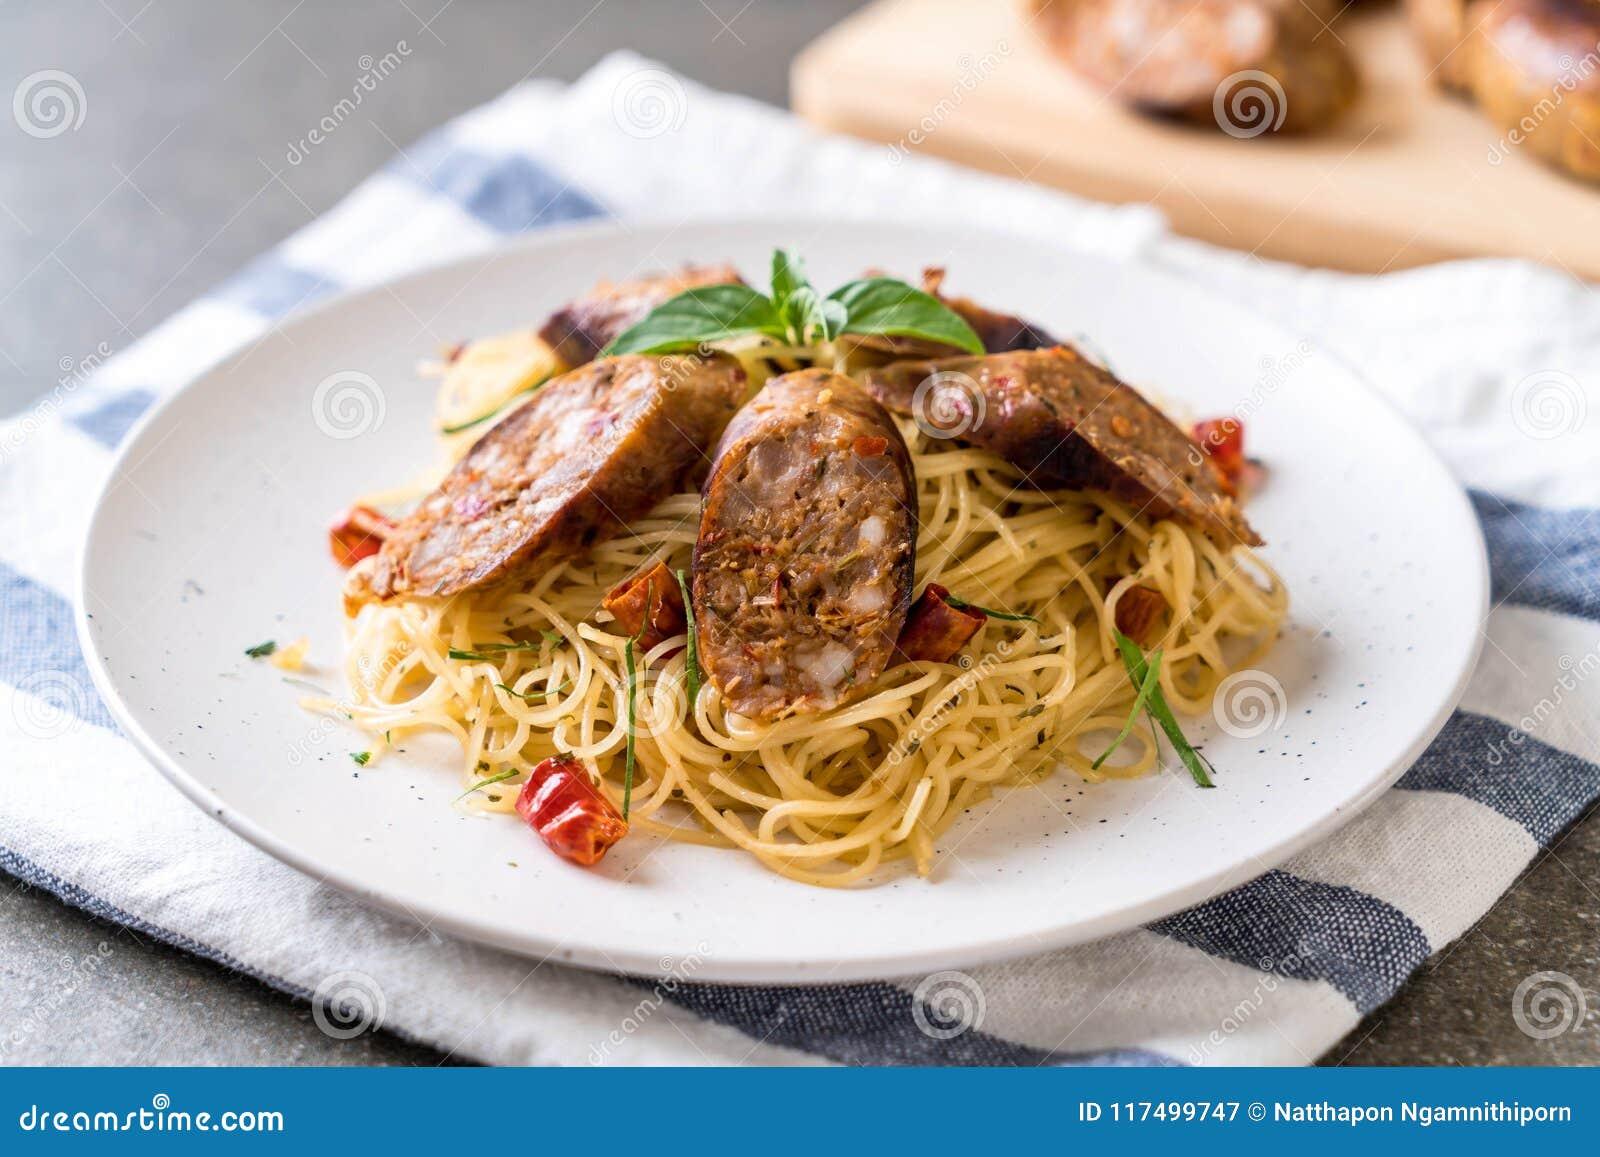 Angebratene Spaghettis mit Sai Aua (thailändische würzige Wurst Notrhern)